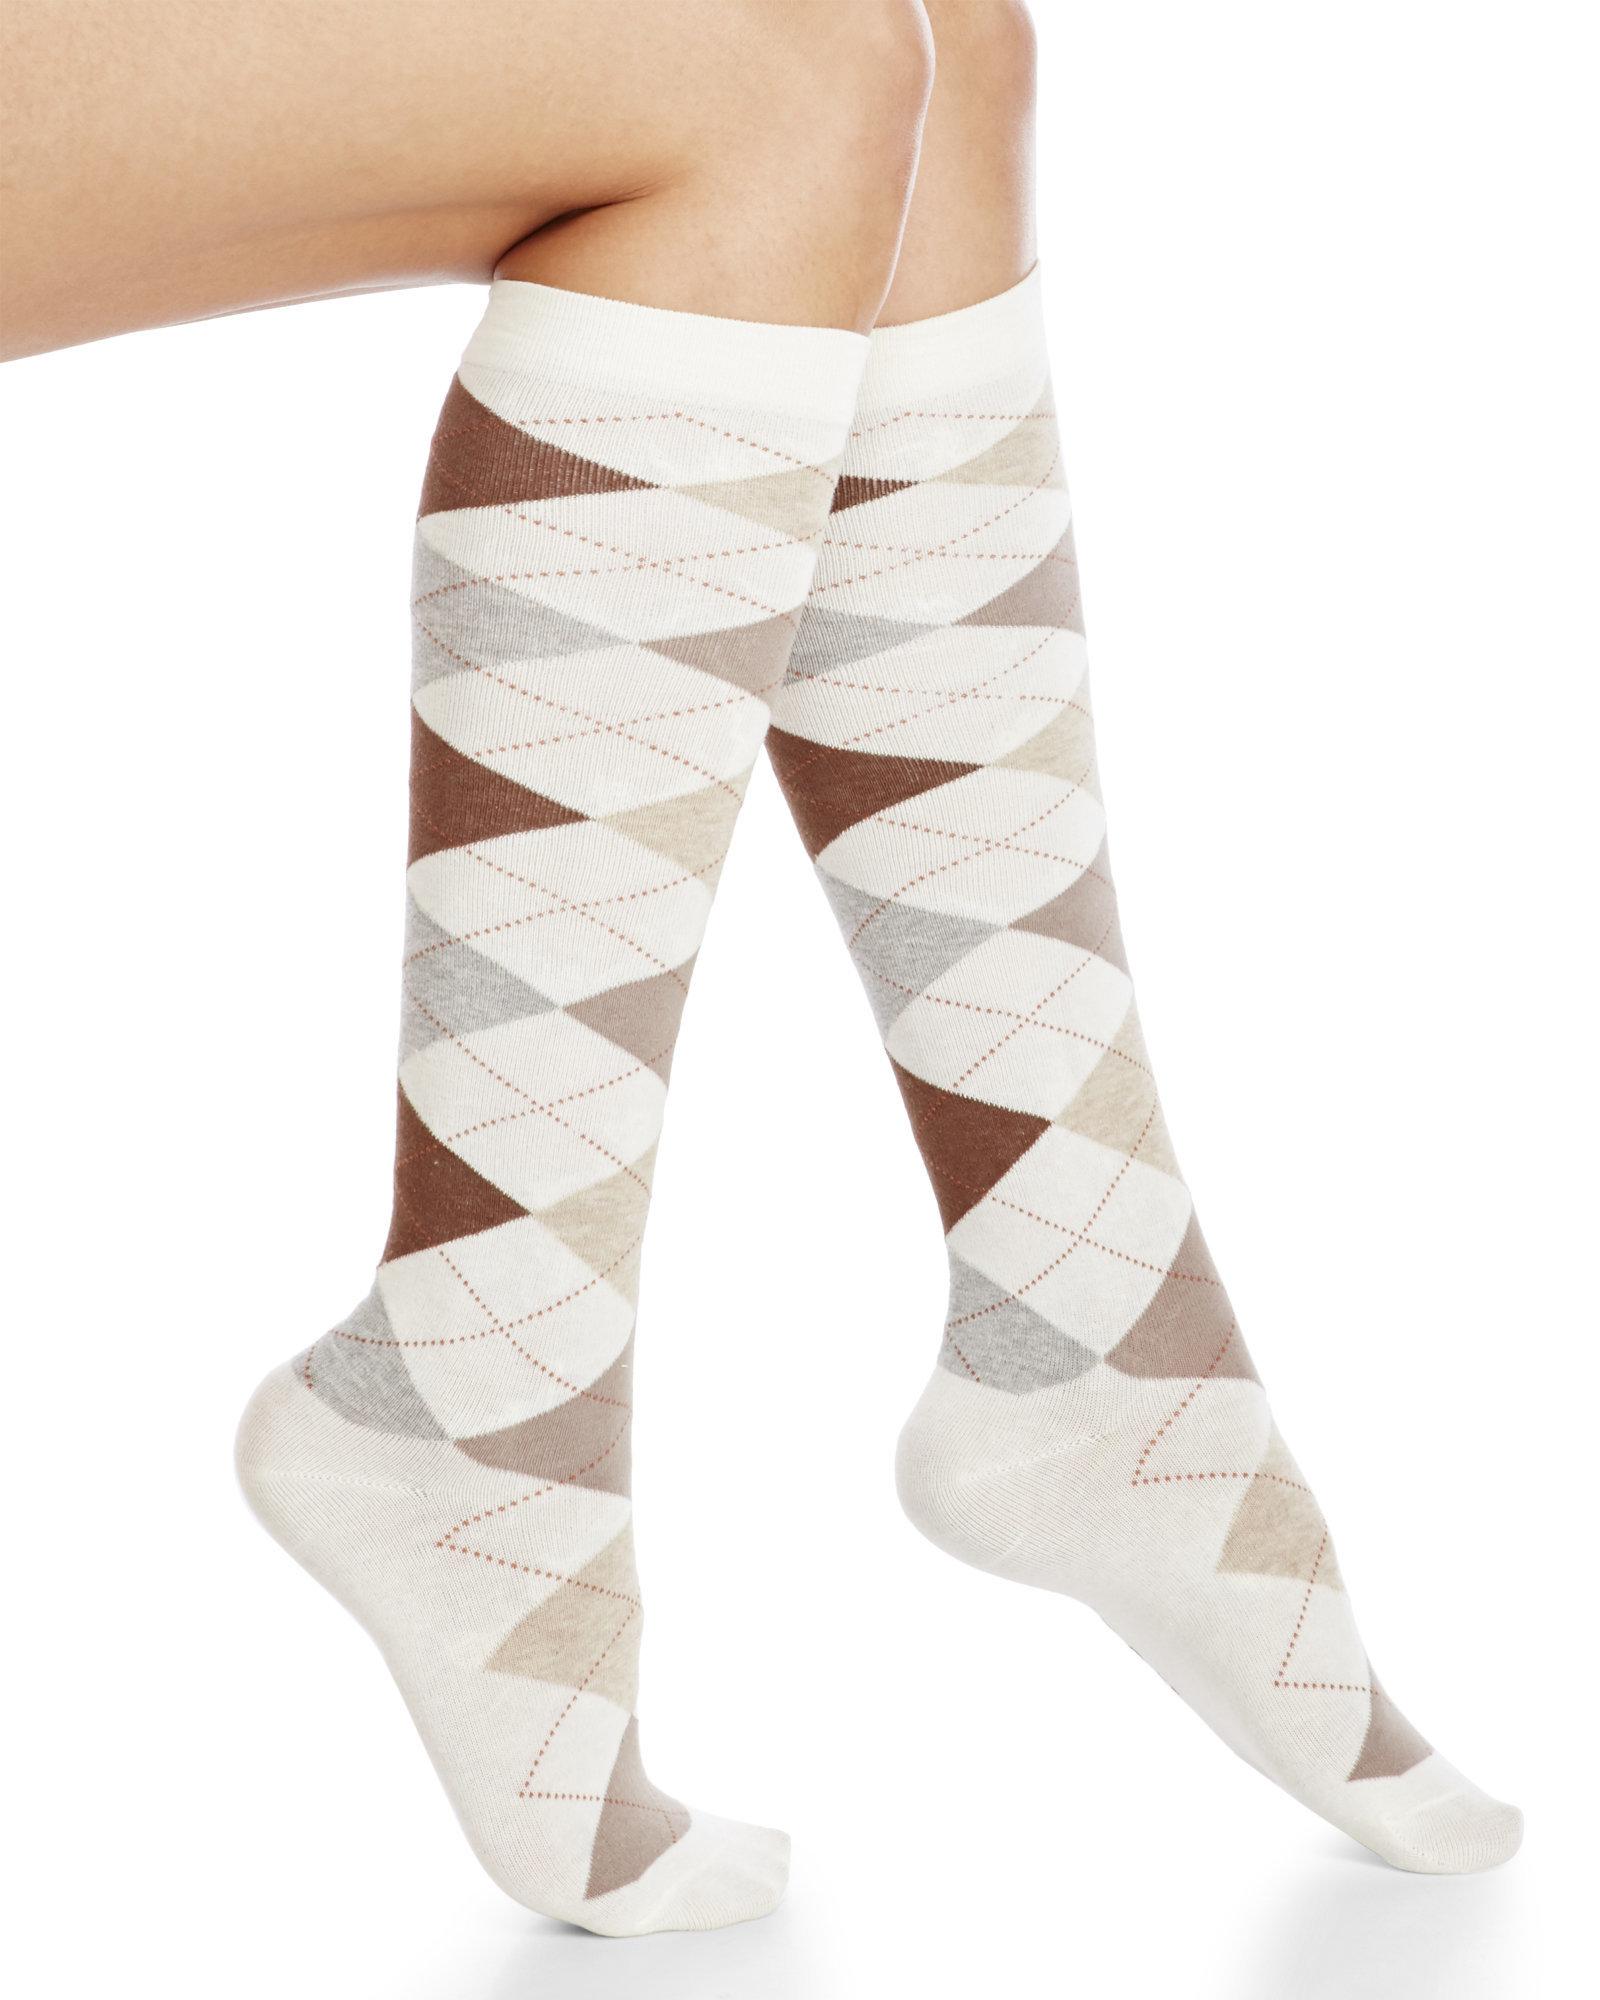 b35c35863637a Hue Argyle Knee High Socks in White - Lyst